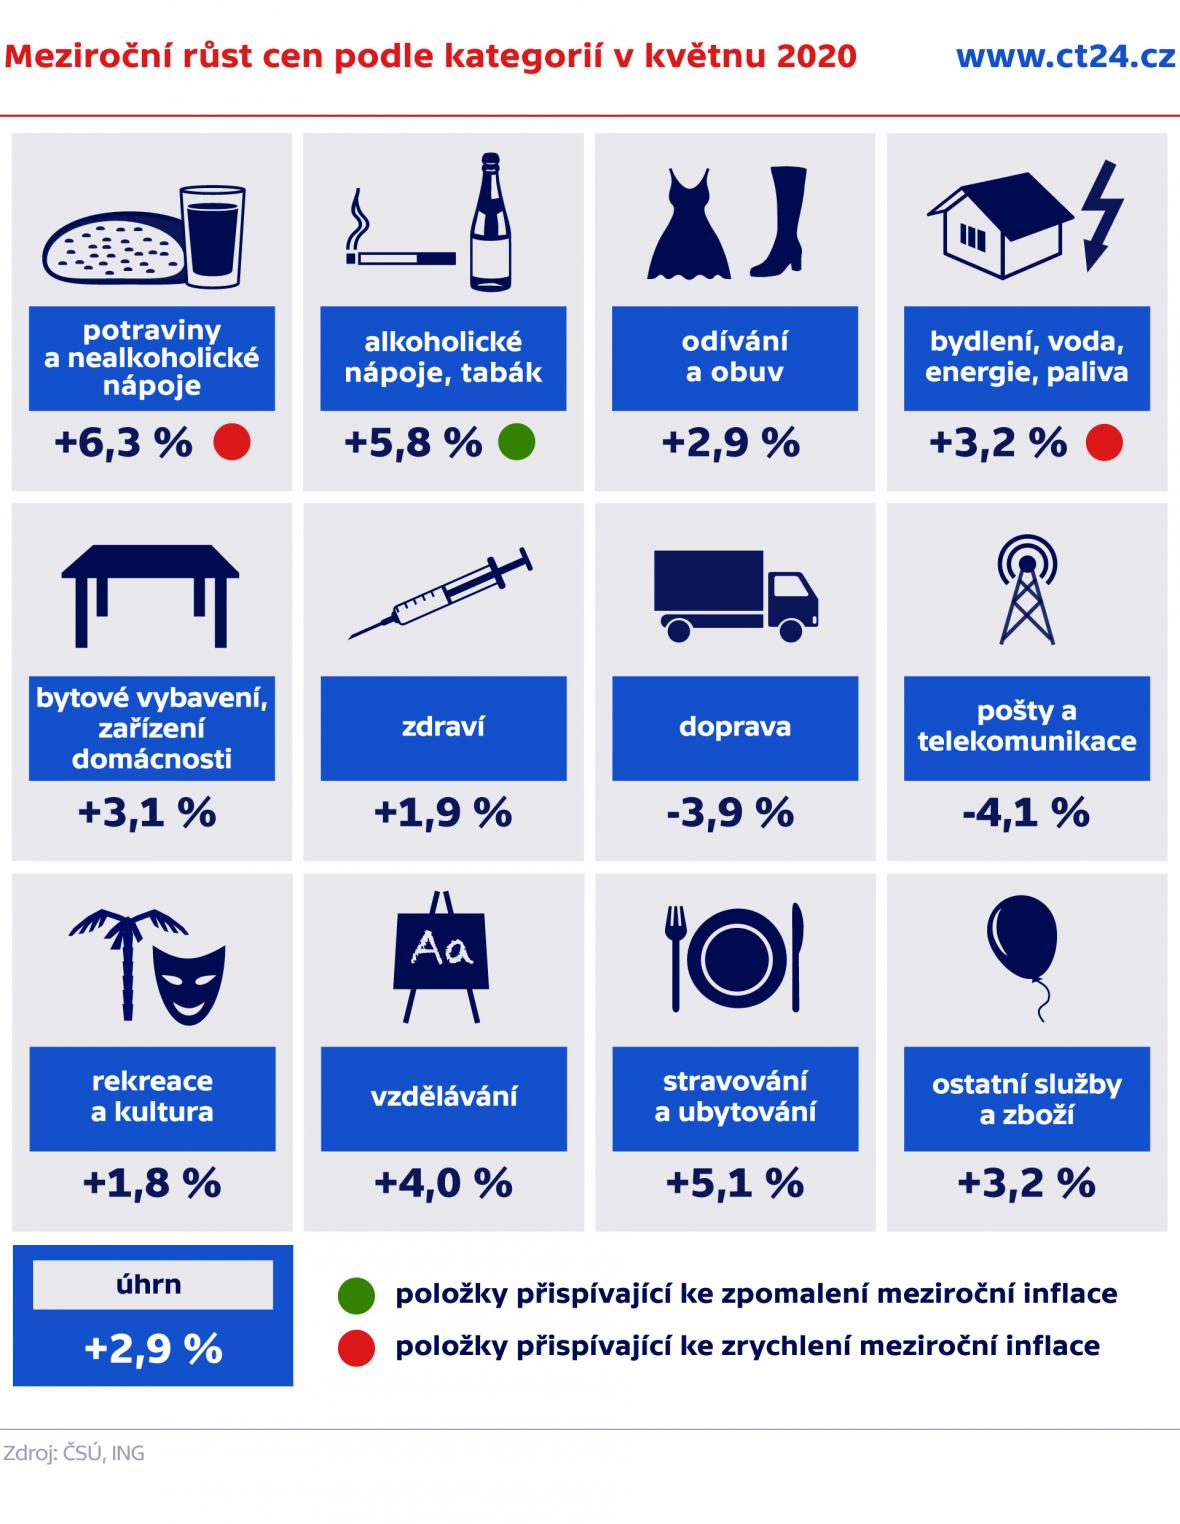 Meziroční růst cen podle kategorií v květnu 2020